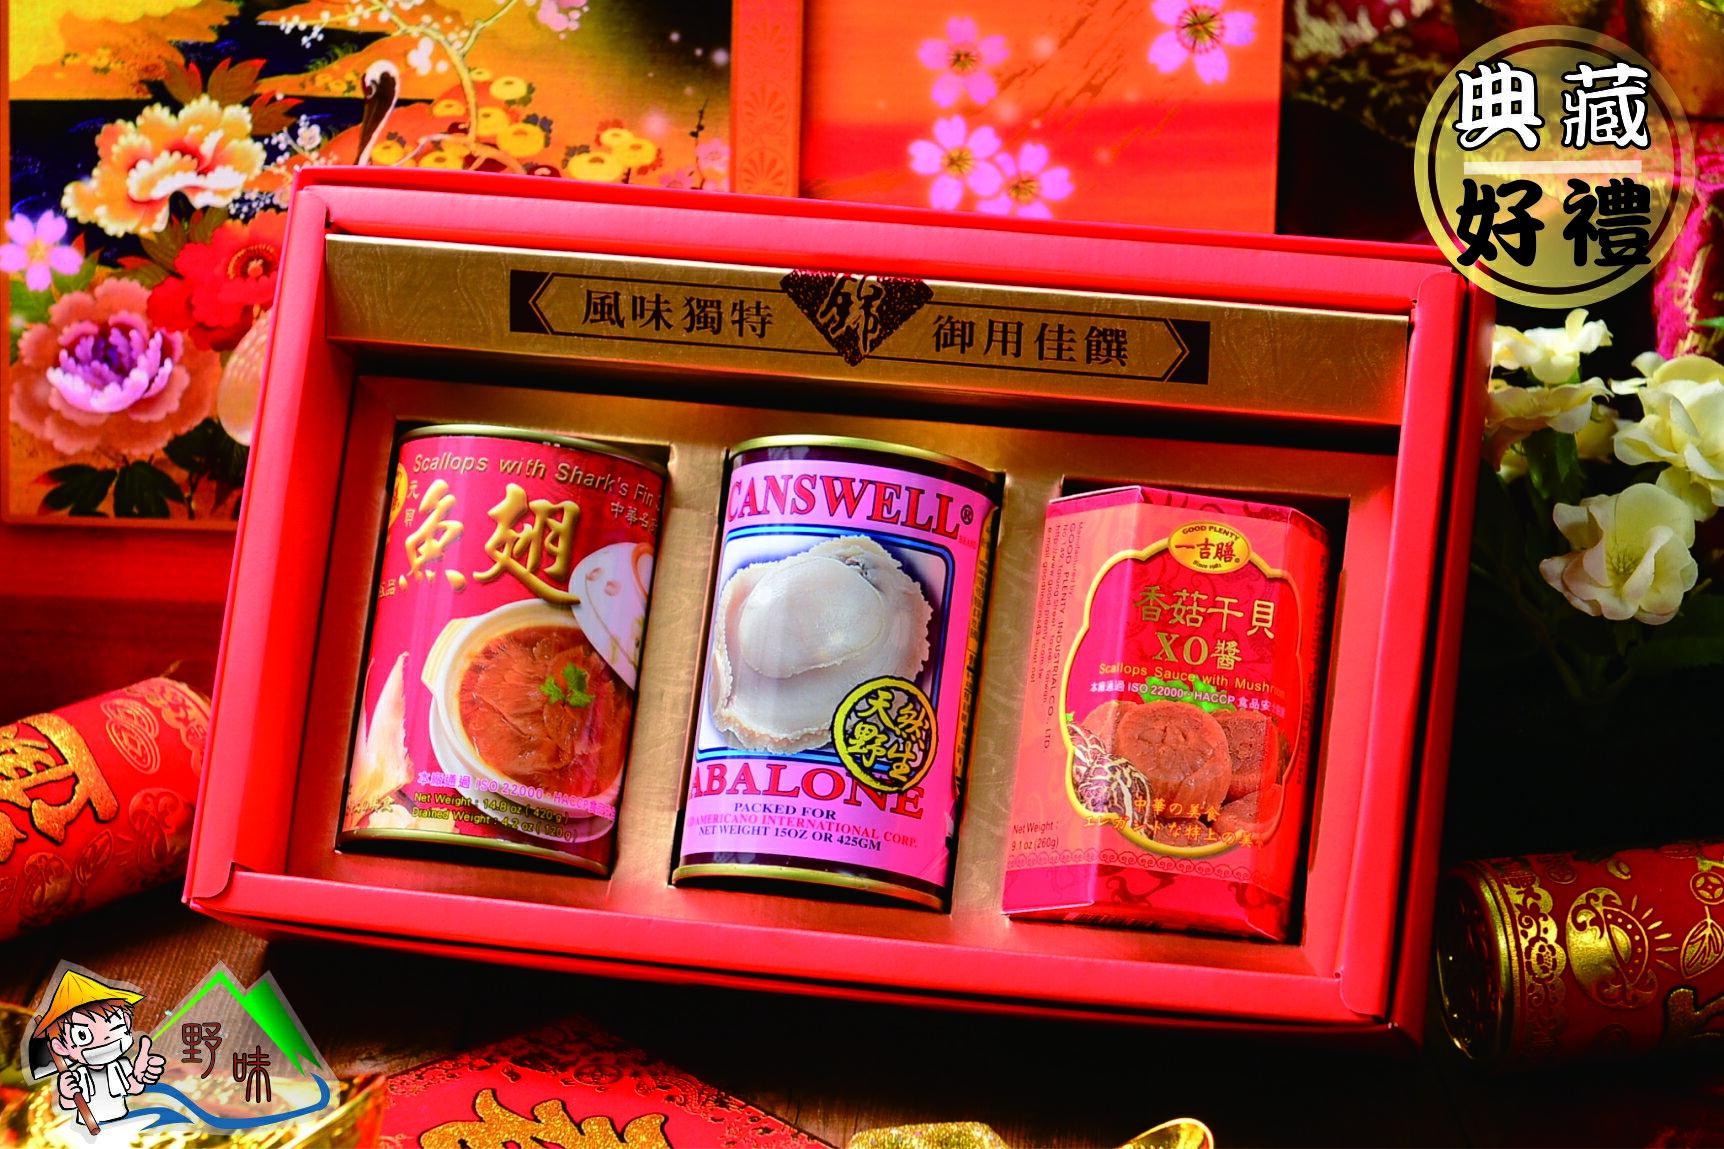 【野味食品】三寶好禮04 (一吉膳香菇干貝xo醬+新美輪澳洲鮑魚罐頭+一吉膳元貝魚翅罐頭) (附贈年節禮盒、禮袋)(春節禮盒,傳統禮盒,年貨禮盒)(伴手禮)